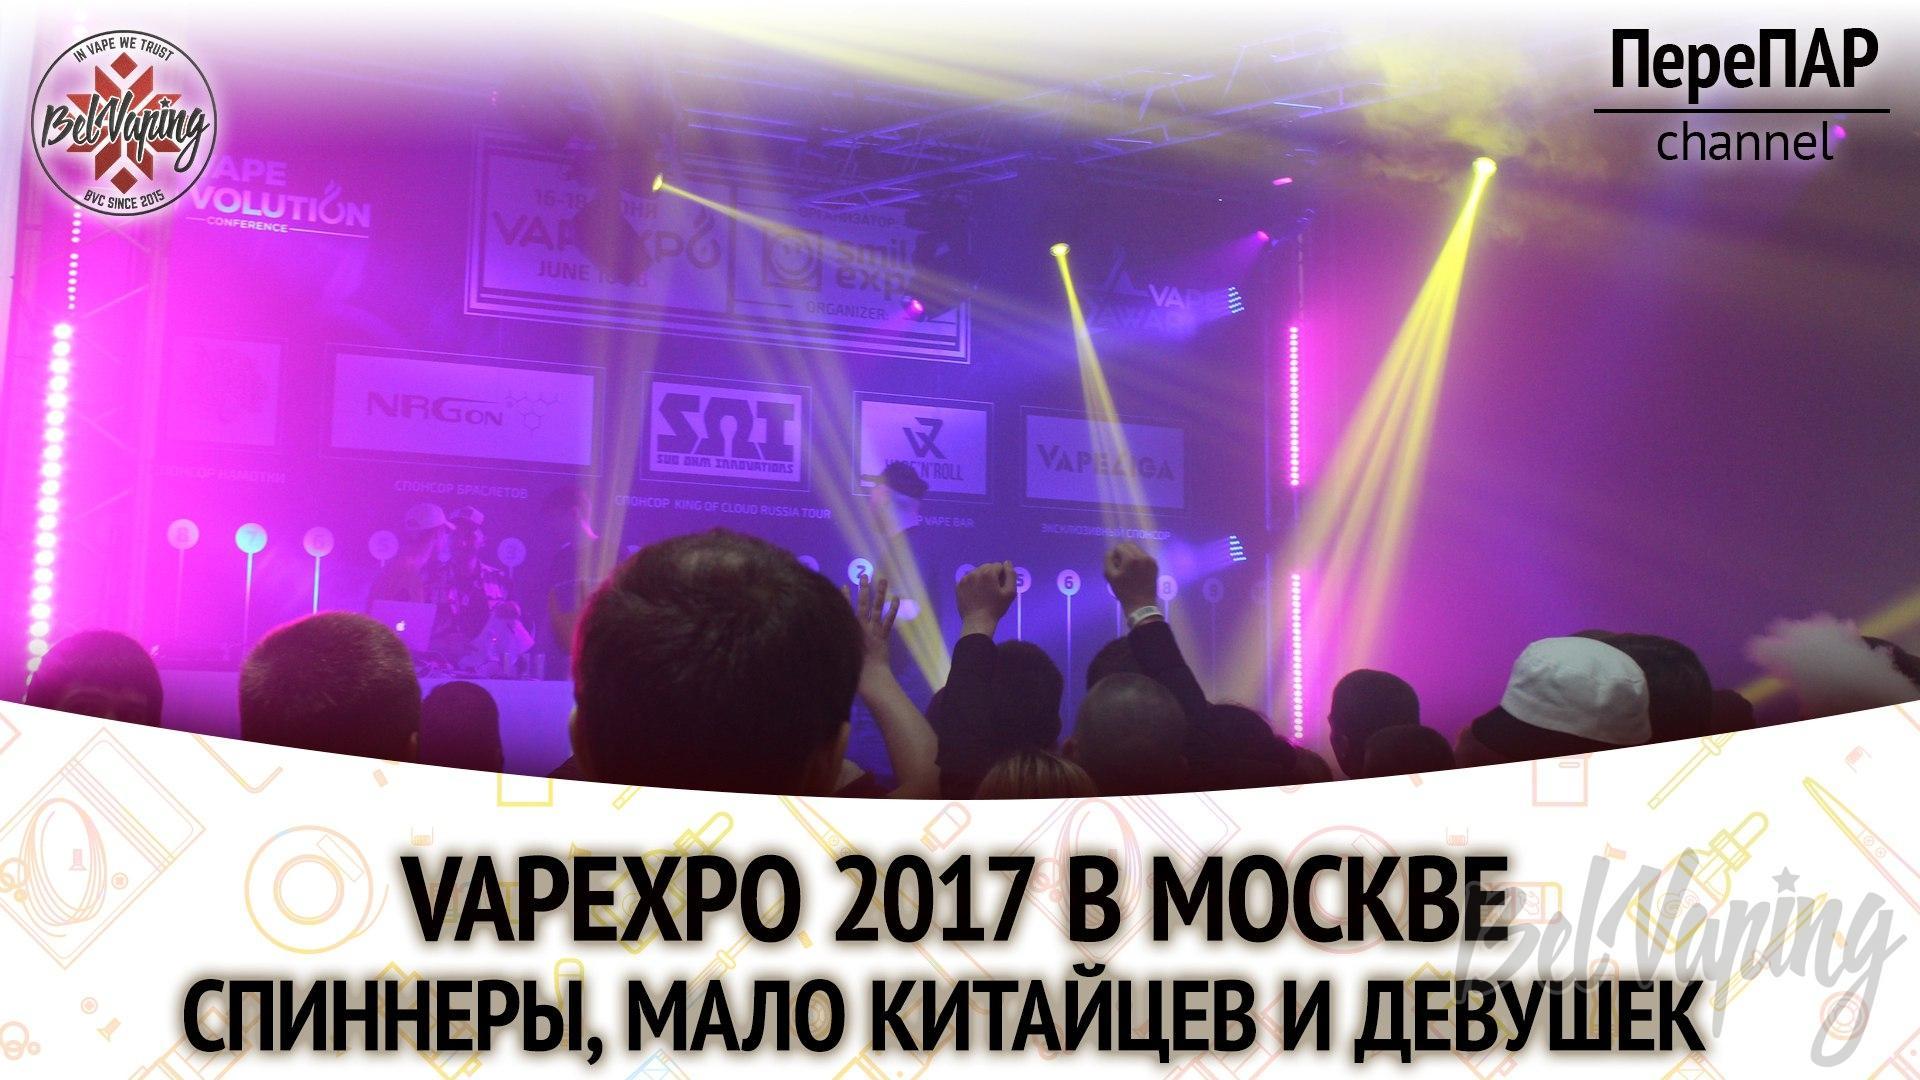 Видео с Vapexpo 2017